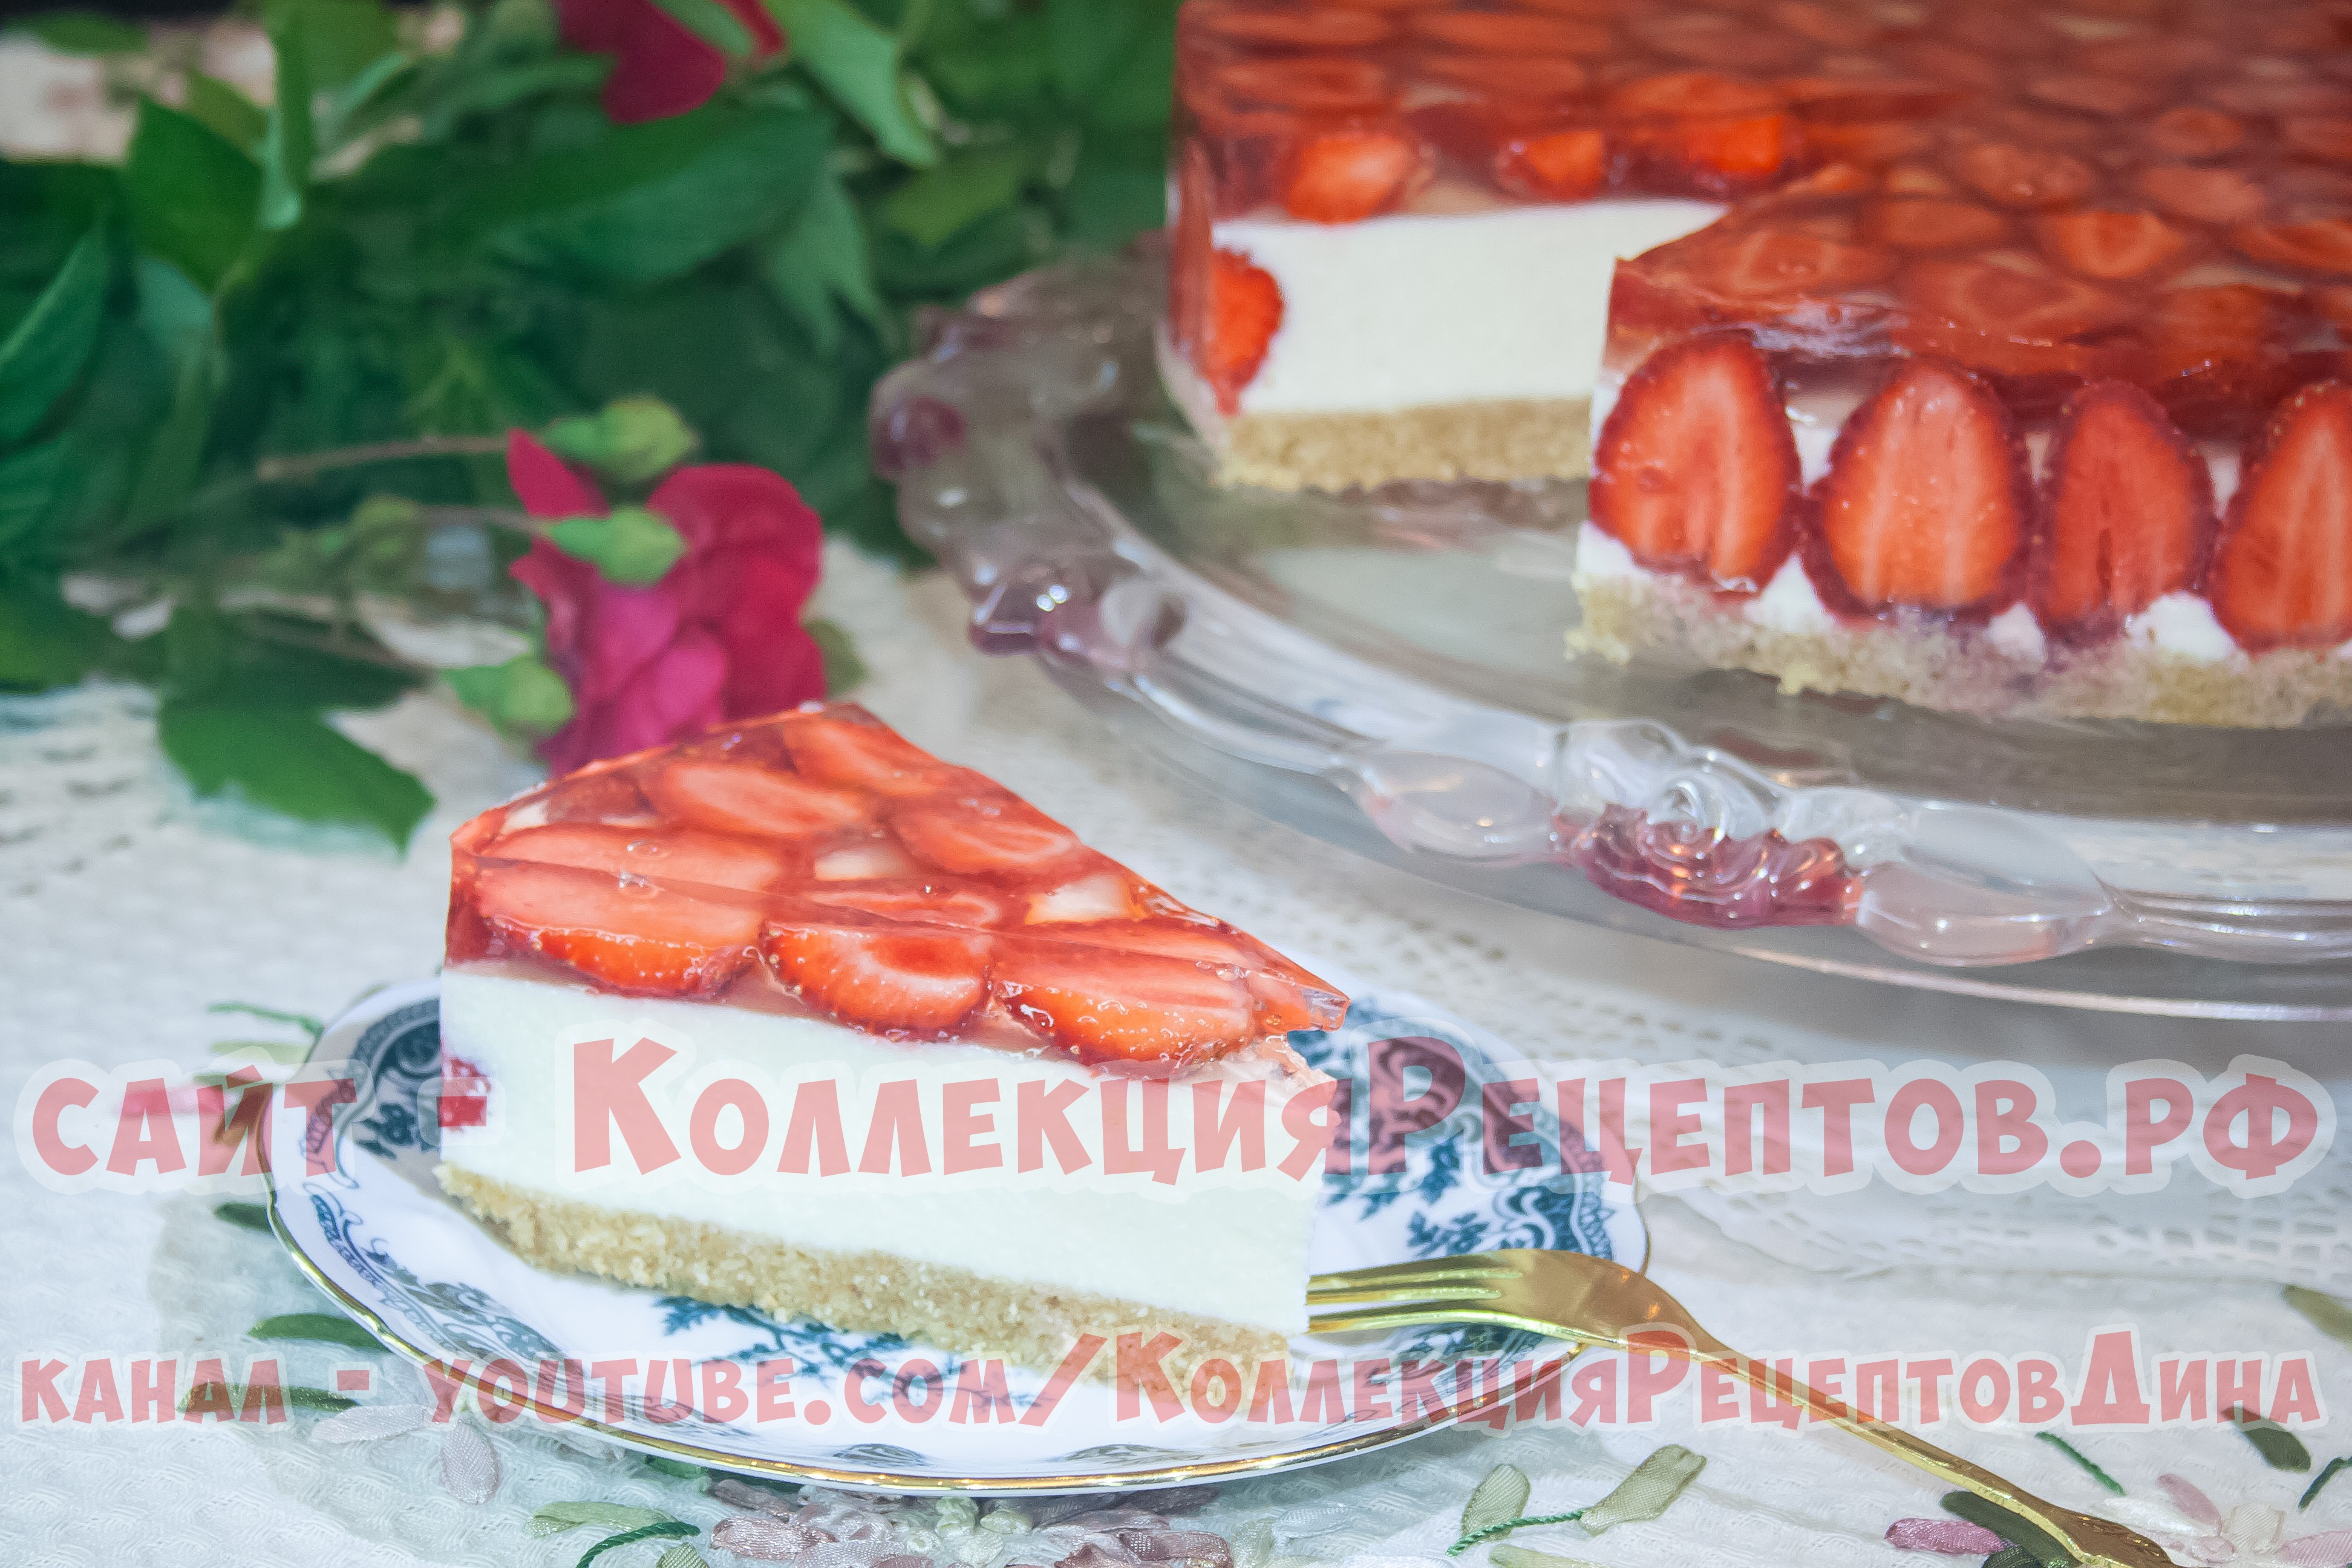 Рецепты творожного тортов для детей